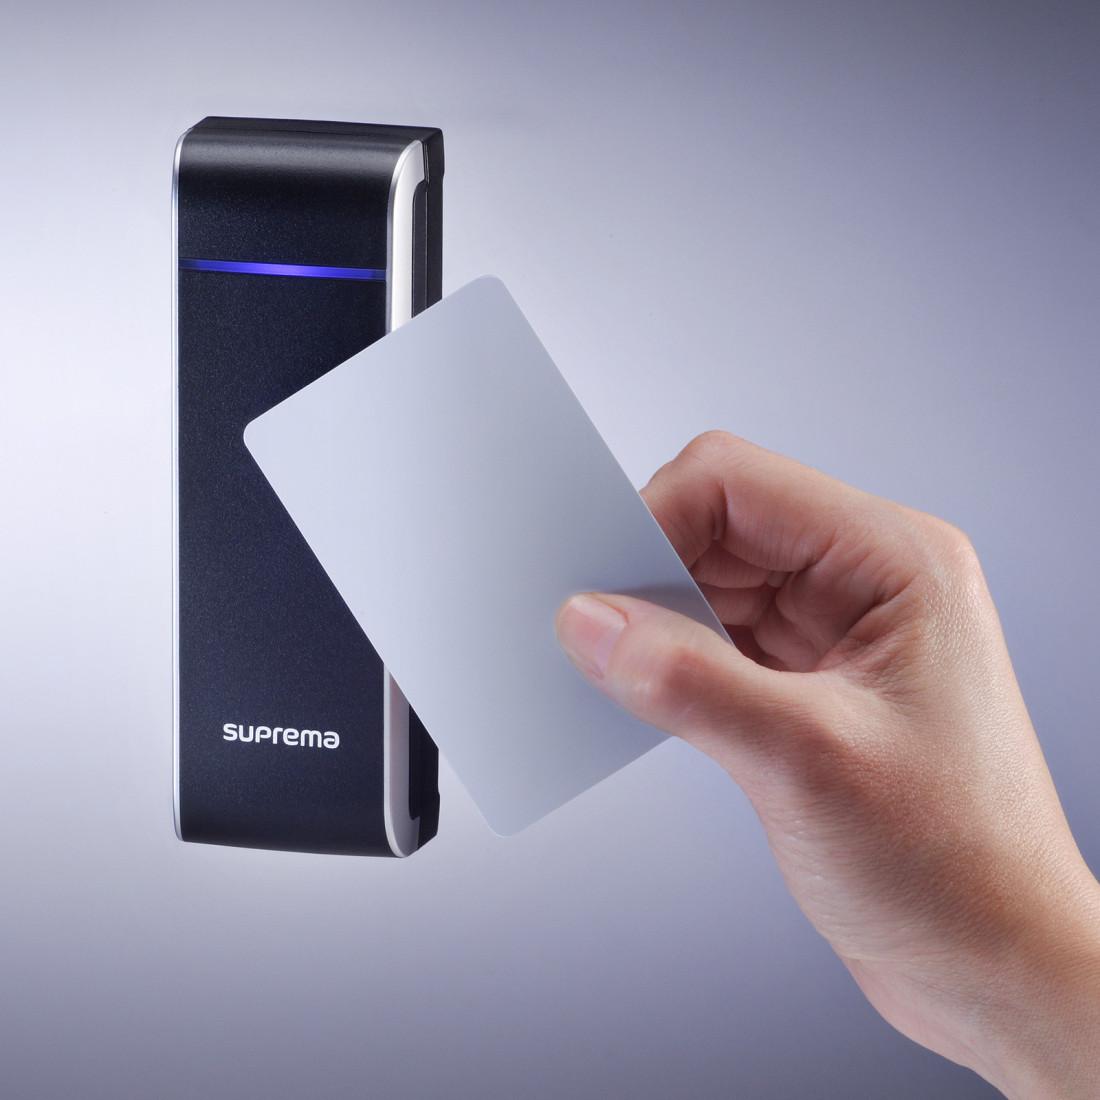 Đầu đọc thẻ tích hợp bộ điều khiển Suprema Xpass (XPM-PoE) - Hàng chính hãng